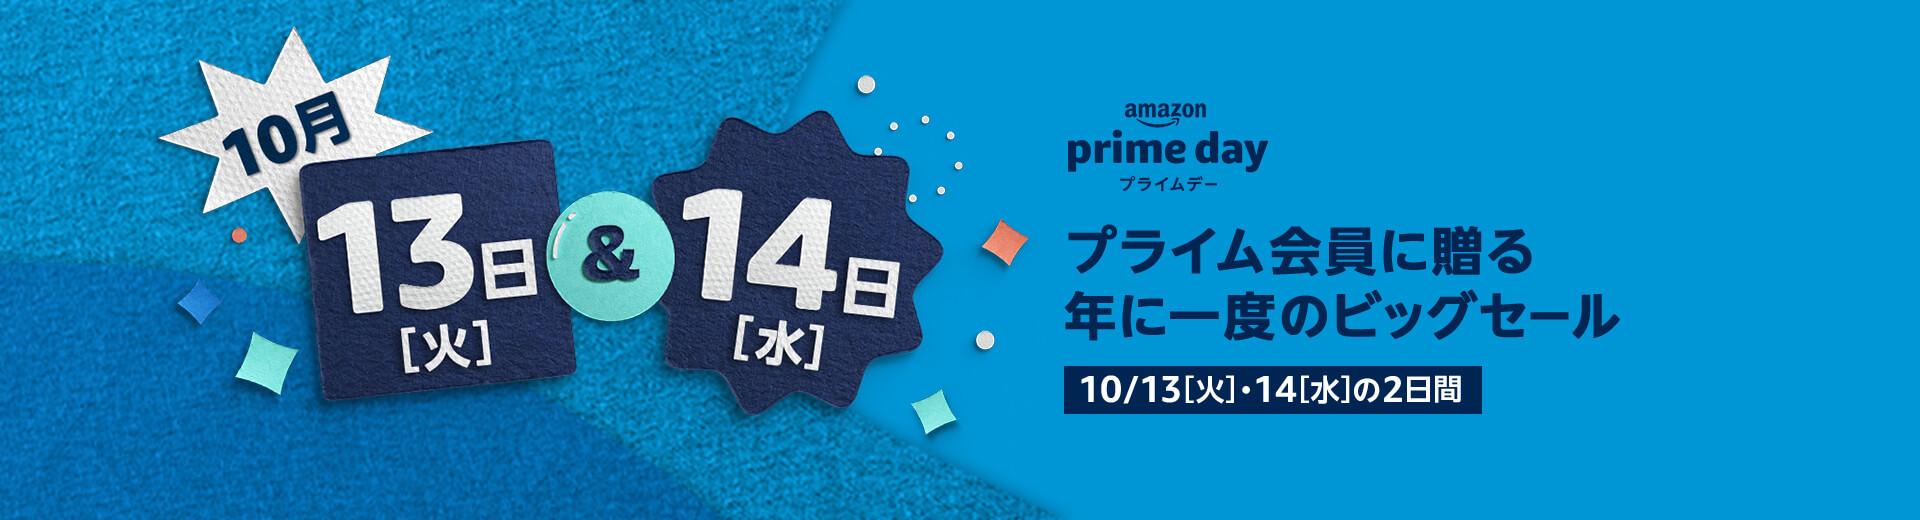 Amazonプライムデーの対象商品第1弾が発表!13インチMacBook Proに「アベンジャーズ」シリーズMovieNEX19巻セットまで tech201001_amazonprimeday_15